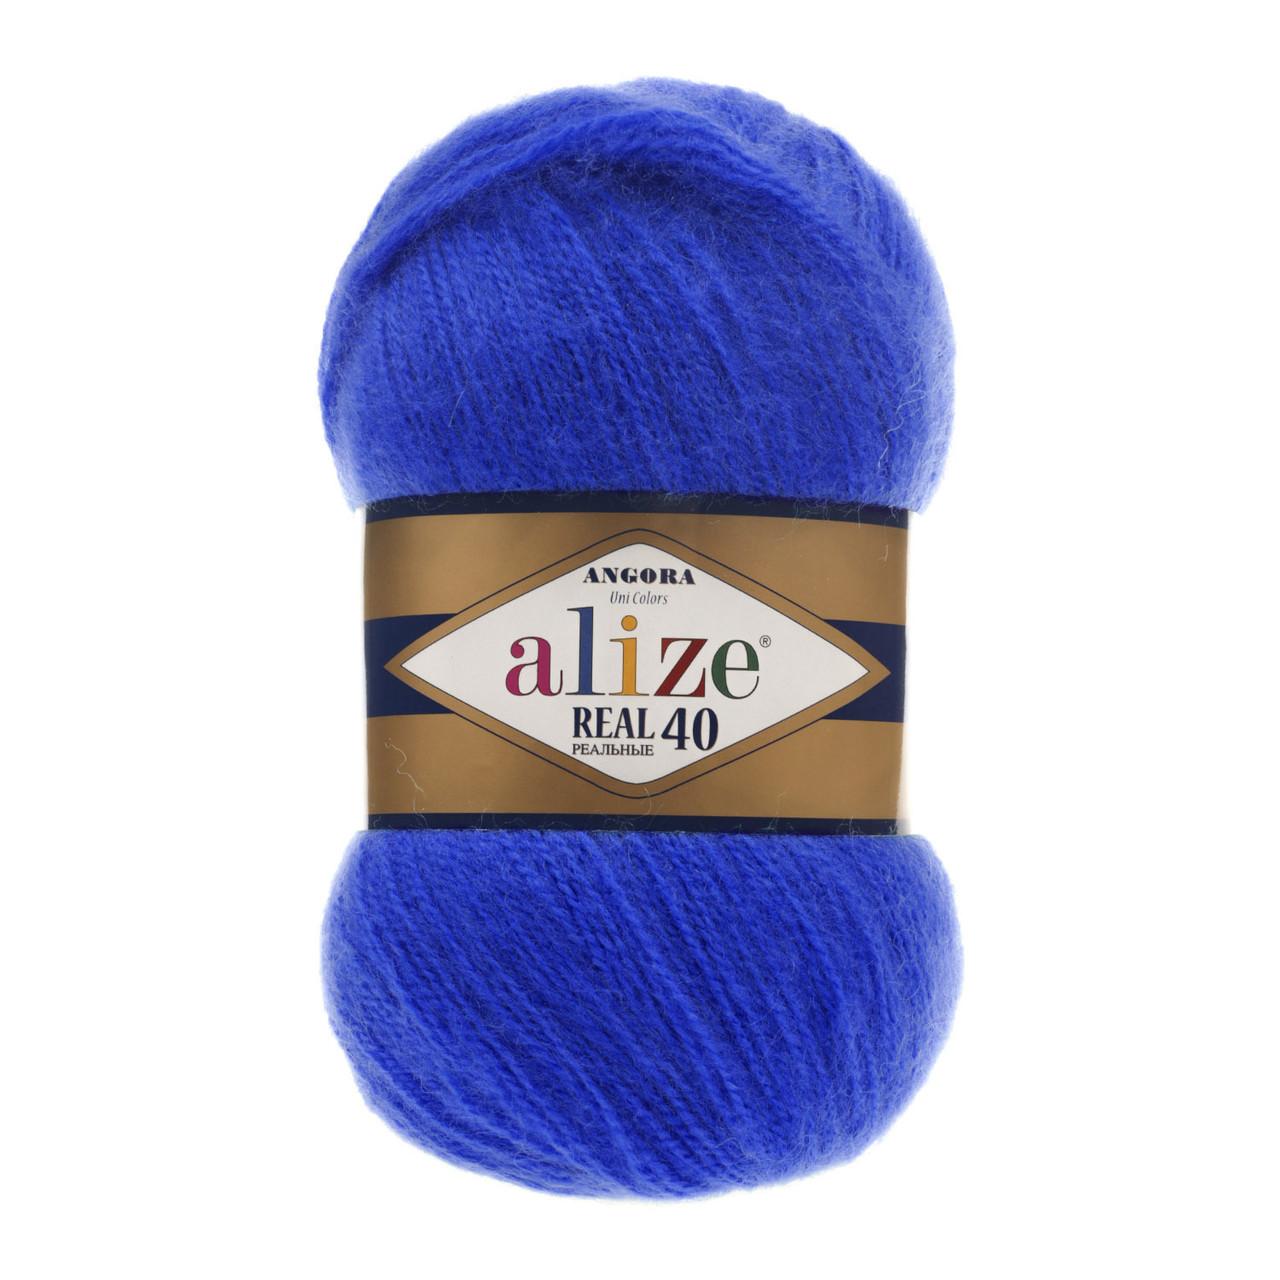 Пряжа Alize ANGORA REAL 40 для ручного вязания полушерсть василек №141